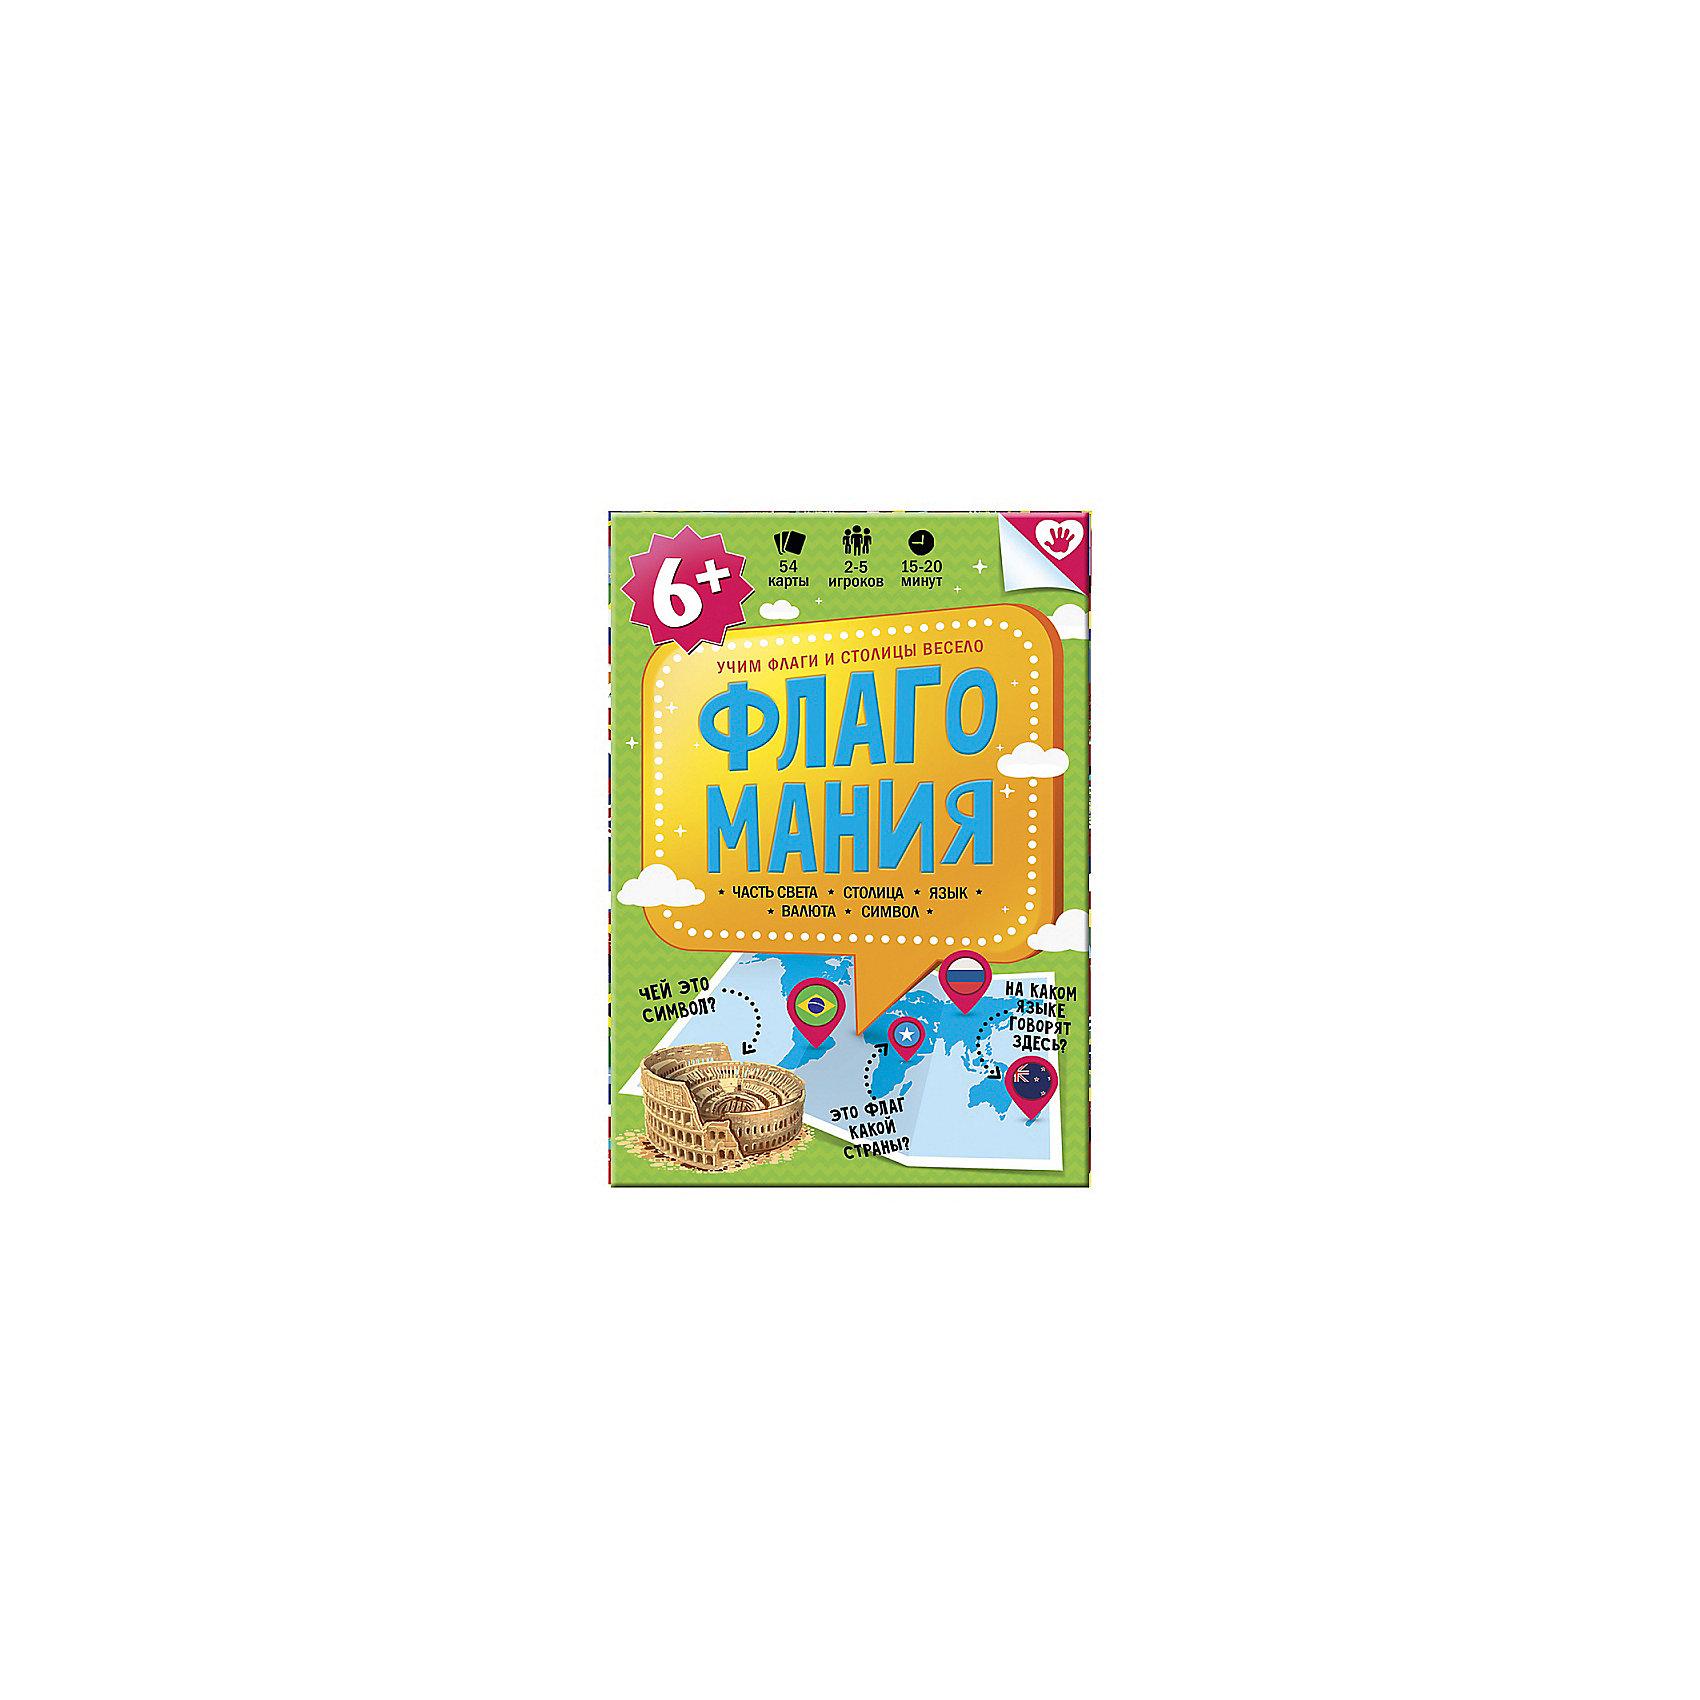 Карточная игра Флагомания, 54 карточкиКарточные игры<br>Характеристики товара:<br><br>• возраст от 6 лет;<br>• материал: картон;<br>• количество игроков: 2-5<br>• время одной игры: 15-20 минут<br>• в комплекте: 54 карточки, правила игры;<br>• размер упаковки 20х12х8 см;<br>• страна производитель: Россия.<br><br>Карточная игра «Флагомания» ГеоДом — интересная игра, которая позволит детям освежить их знания по географии. В наборе карточки с названиями стран, символами, флагами. Игра тренирует у детей память, смекалку, сообразительность, а также познакомит со многими странами нашей планеты и их особенностями.<br><br>Карточную игру «Флагомания» ГеоДом можно приобрести в нашем интернет-магазине.<br><br>Ширина мм: 120<br>Глубина мм: 80<br>Высота мм: 200<br>Вес г: 146<br>Возраст от месяцев: 72<br>Возраст до месяцев: 2147483647<br>Пол: Унисекс<br>Возраст: Детский<br>SKU: 5518176